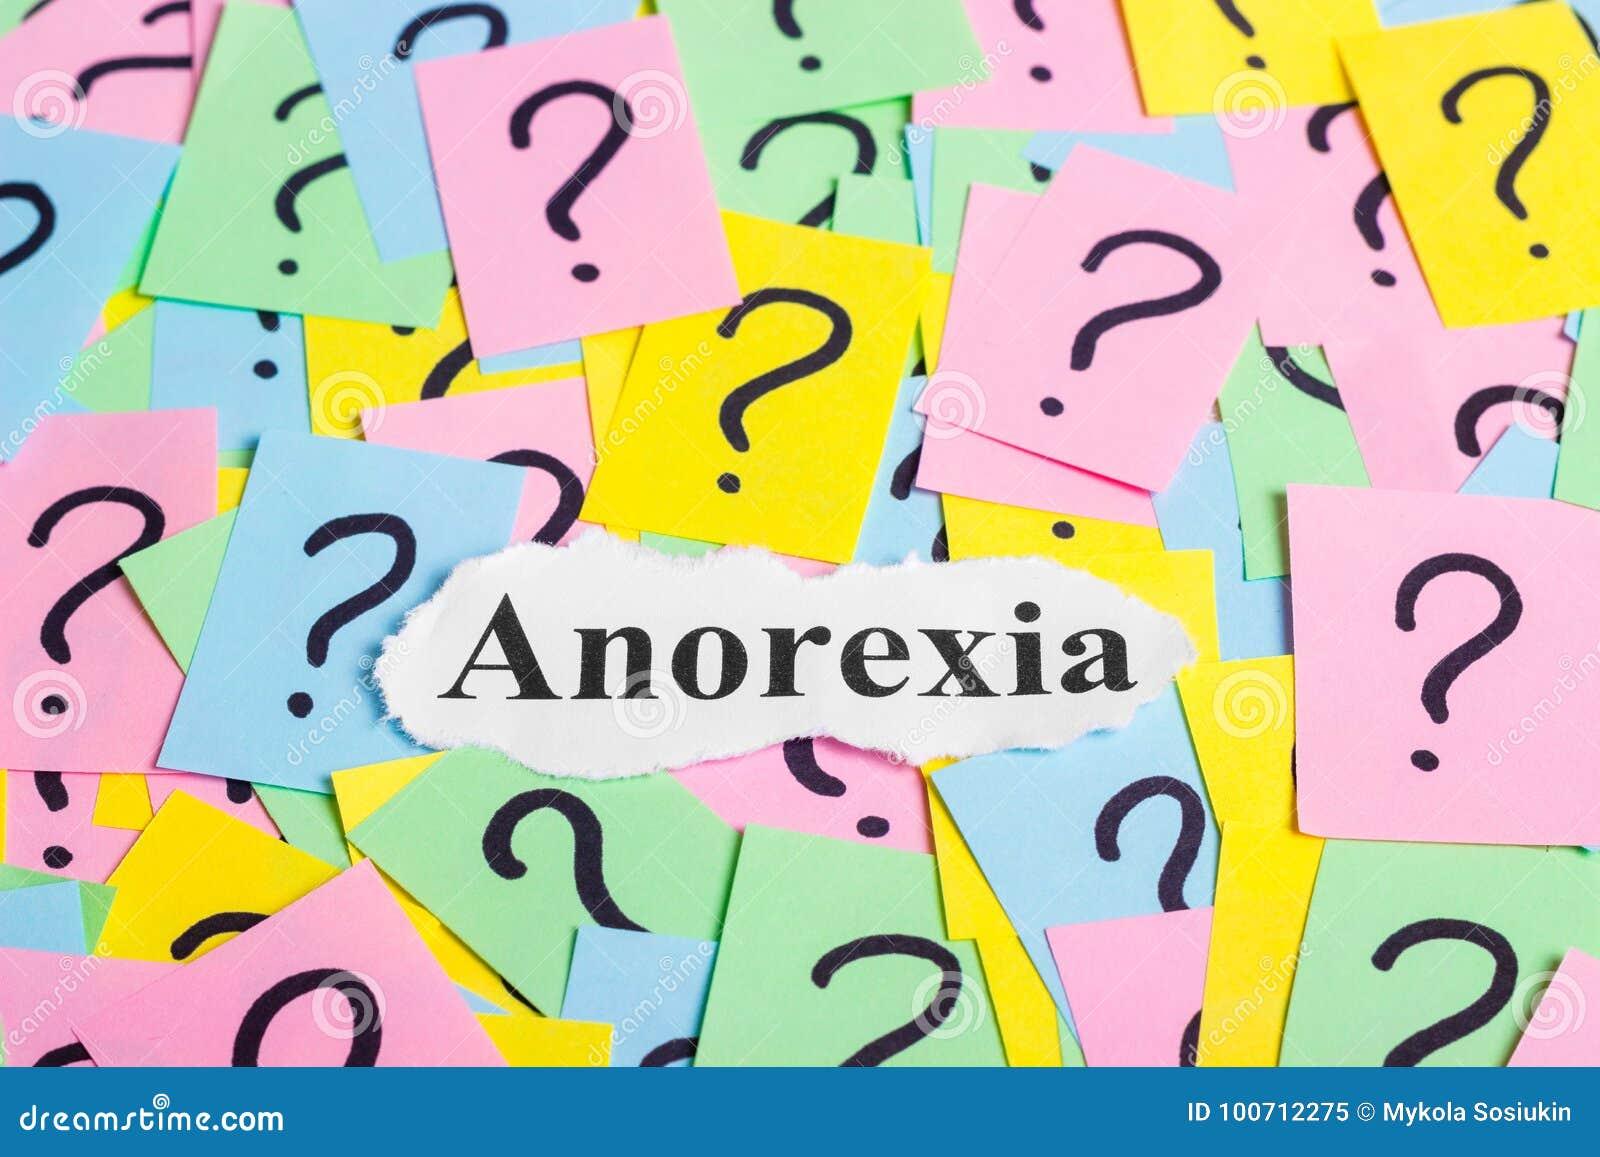 Texte de syndrome d anorexie sur les notes collantes colorées dans la perspective des points d interrogation